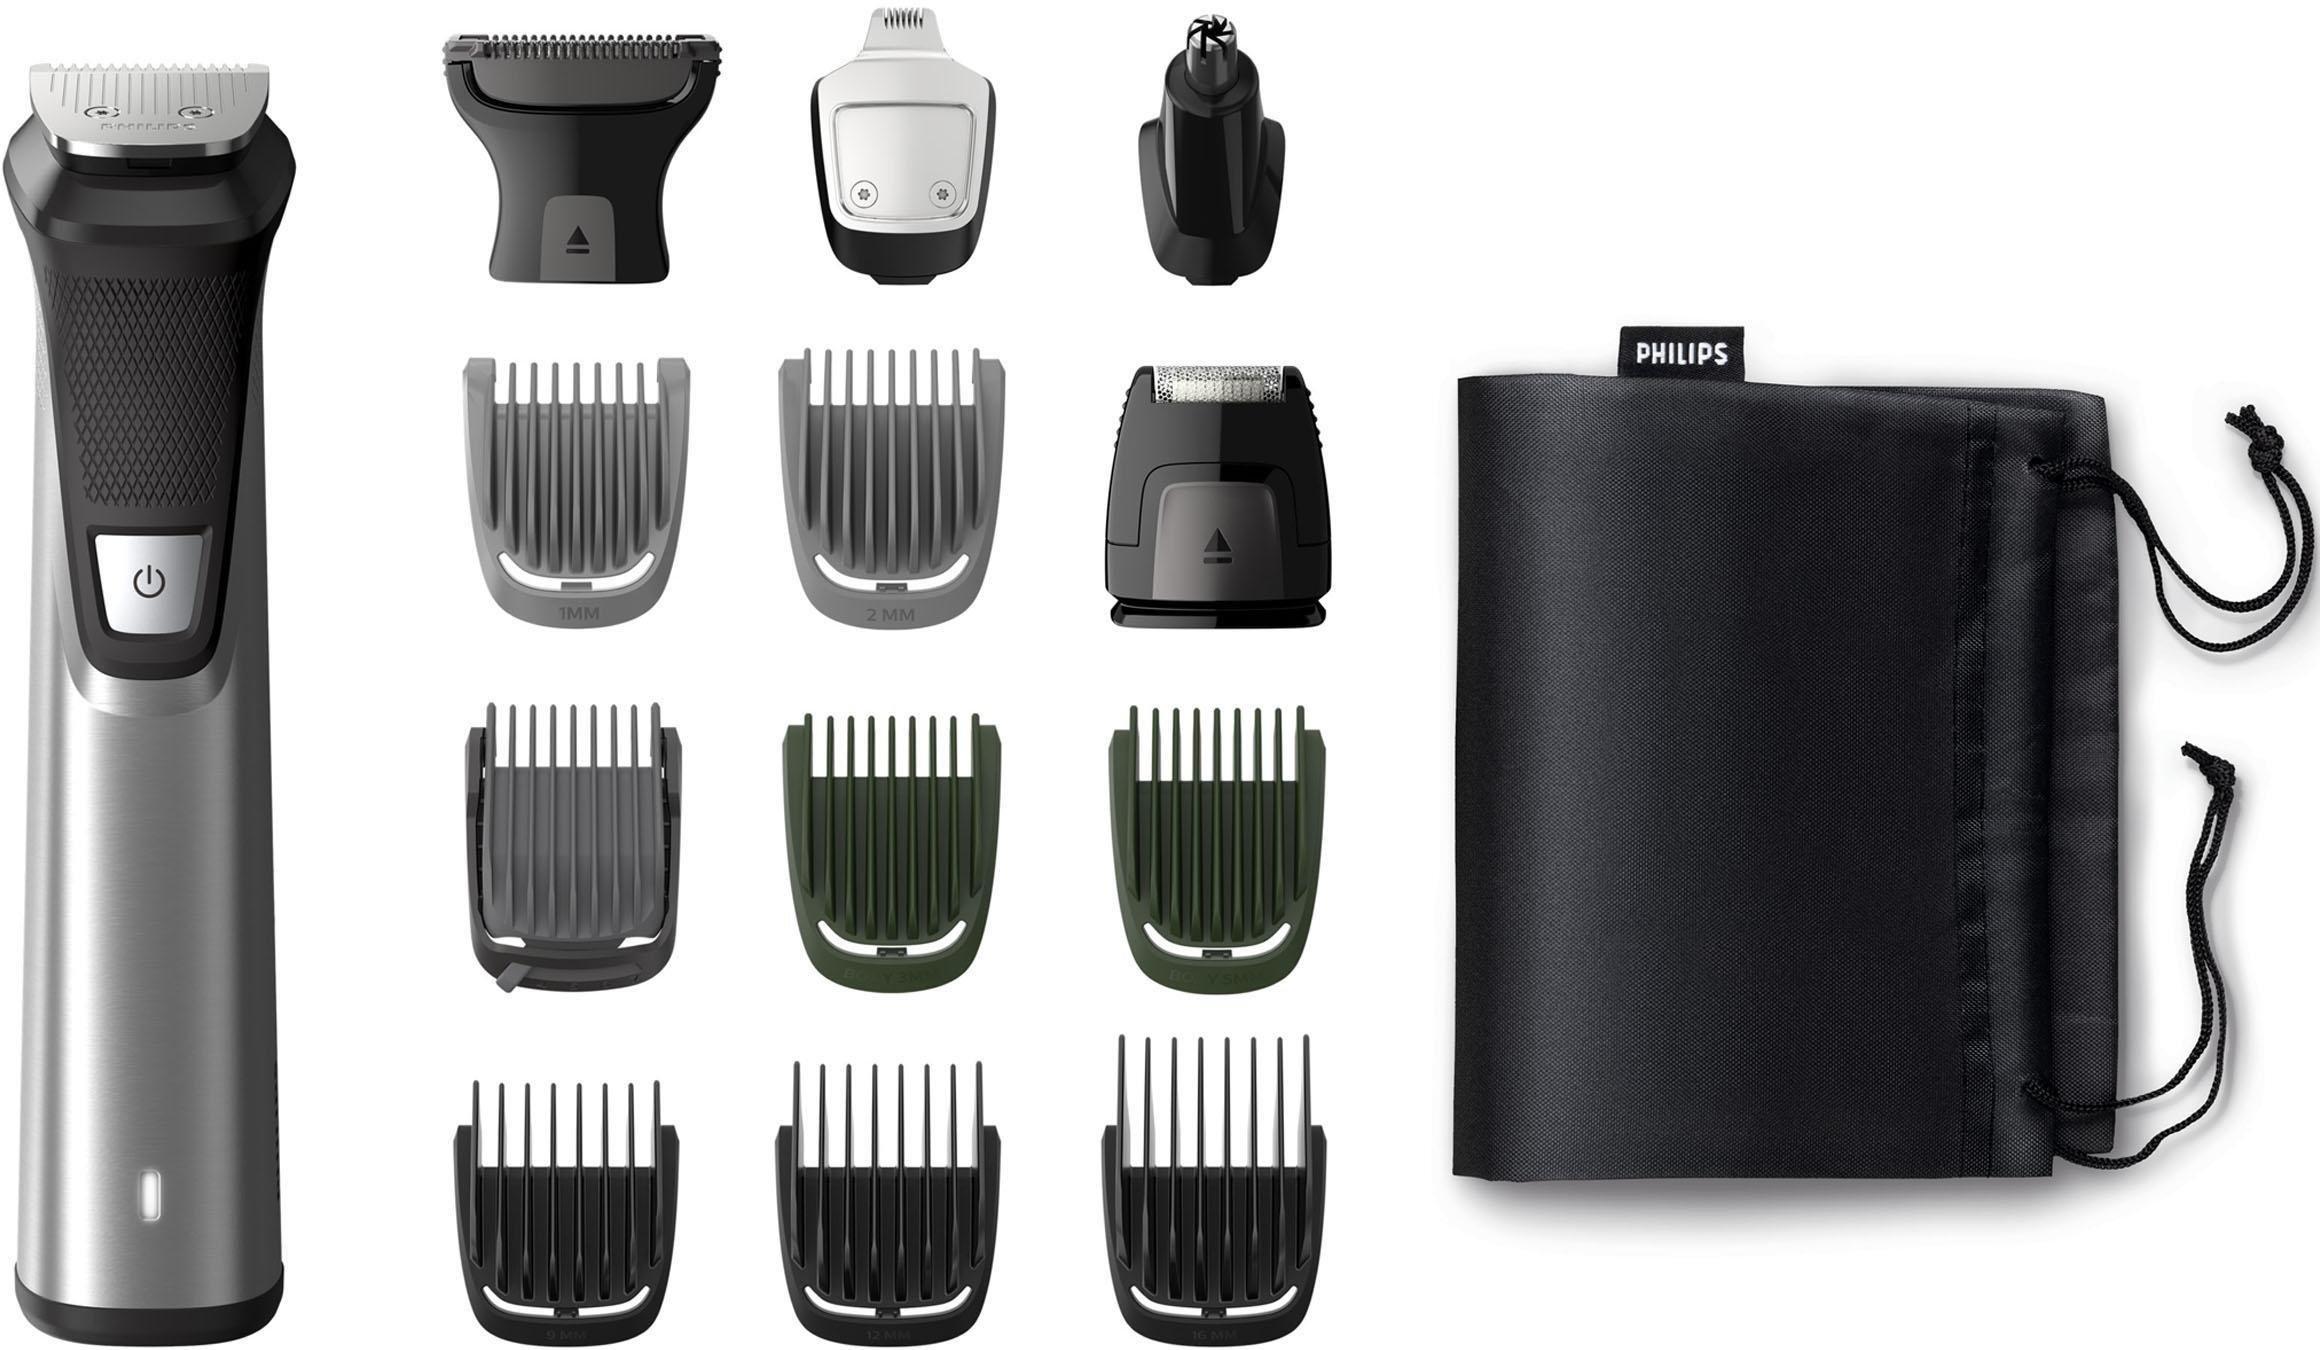 Philips multifunctionele trimmer MG7745/15 All-in-one trimmer, 14-in-1 voor gezicht, lichaam en hoofdhaar - verschillende betaalmethodes